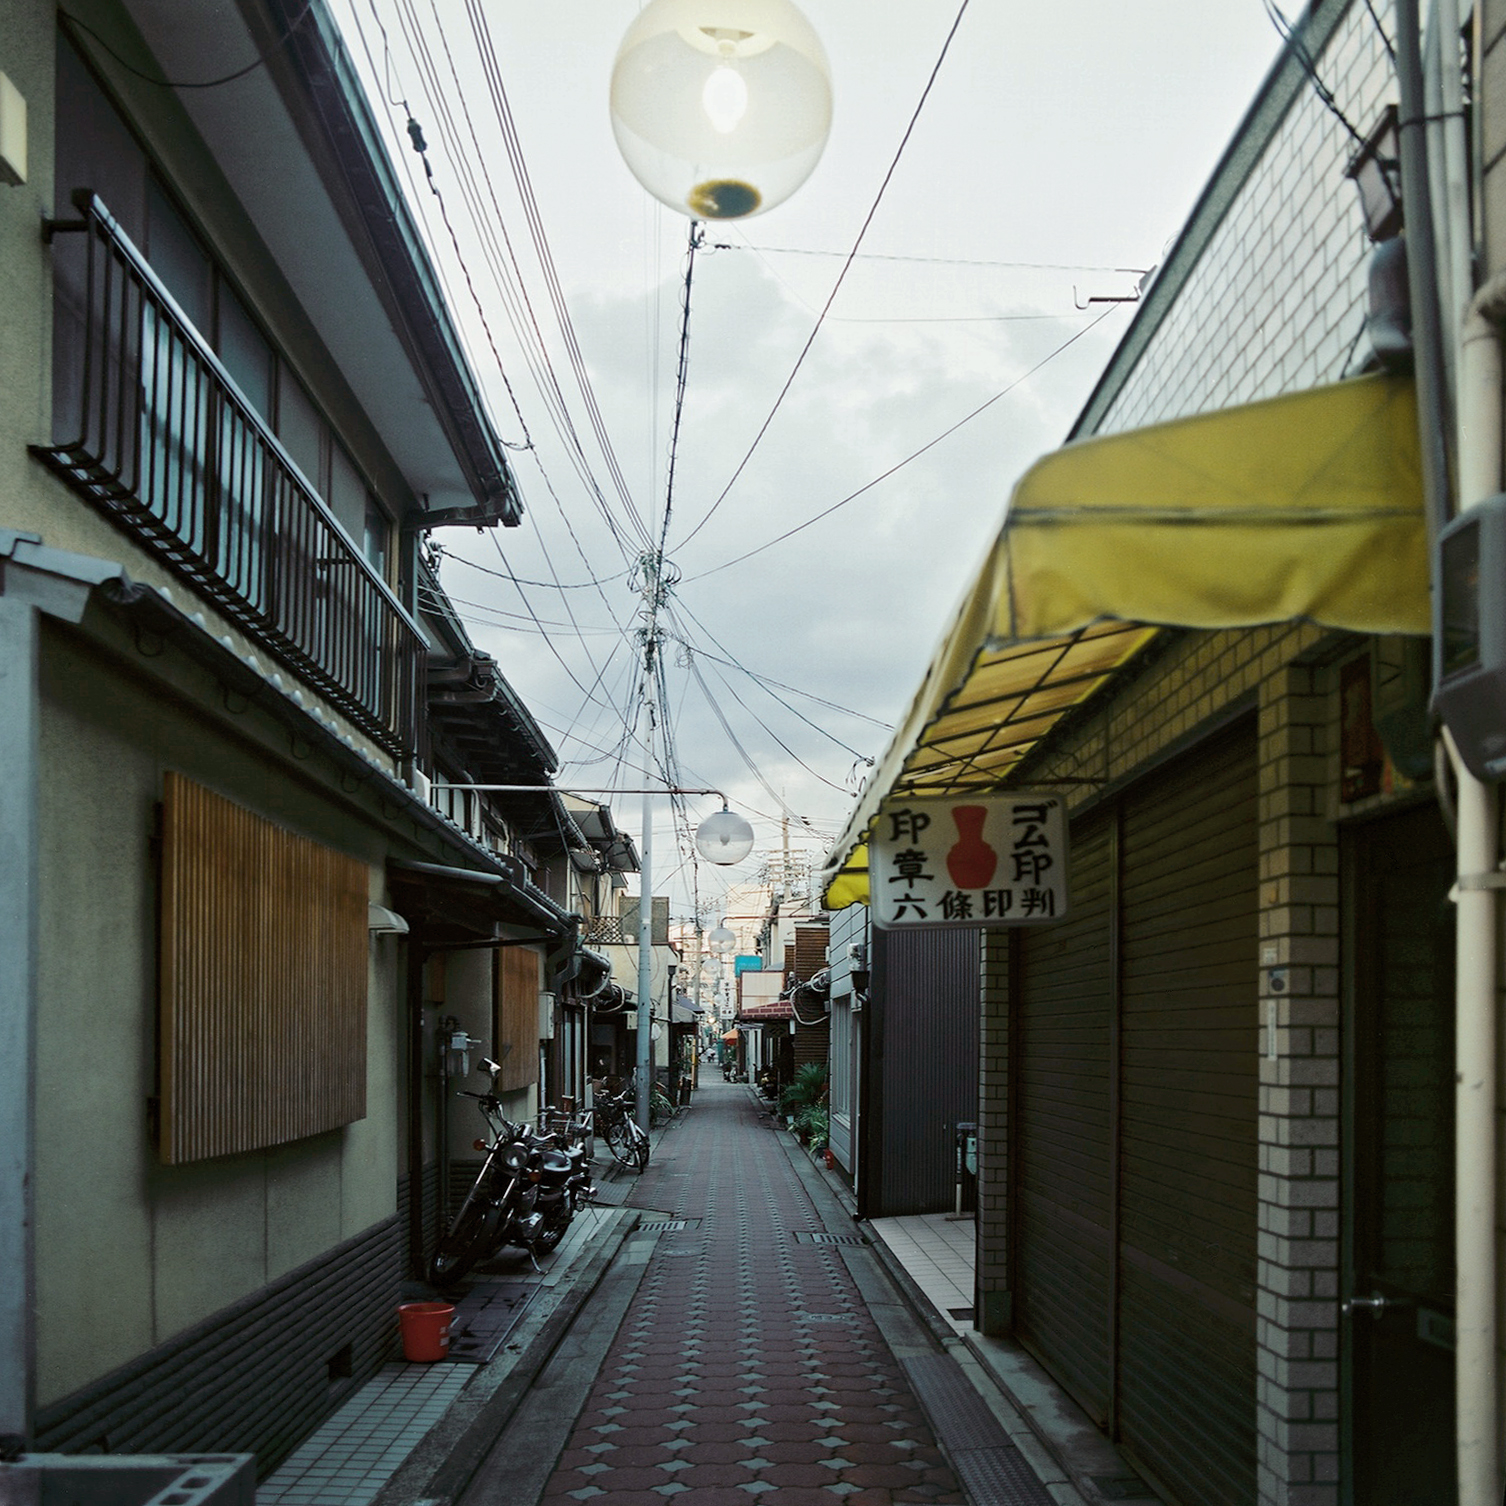 Rokujo-dori, Shimogyo-ku, Kyoto, Japan, 2012